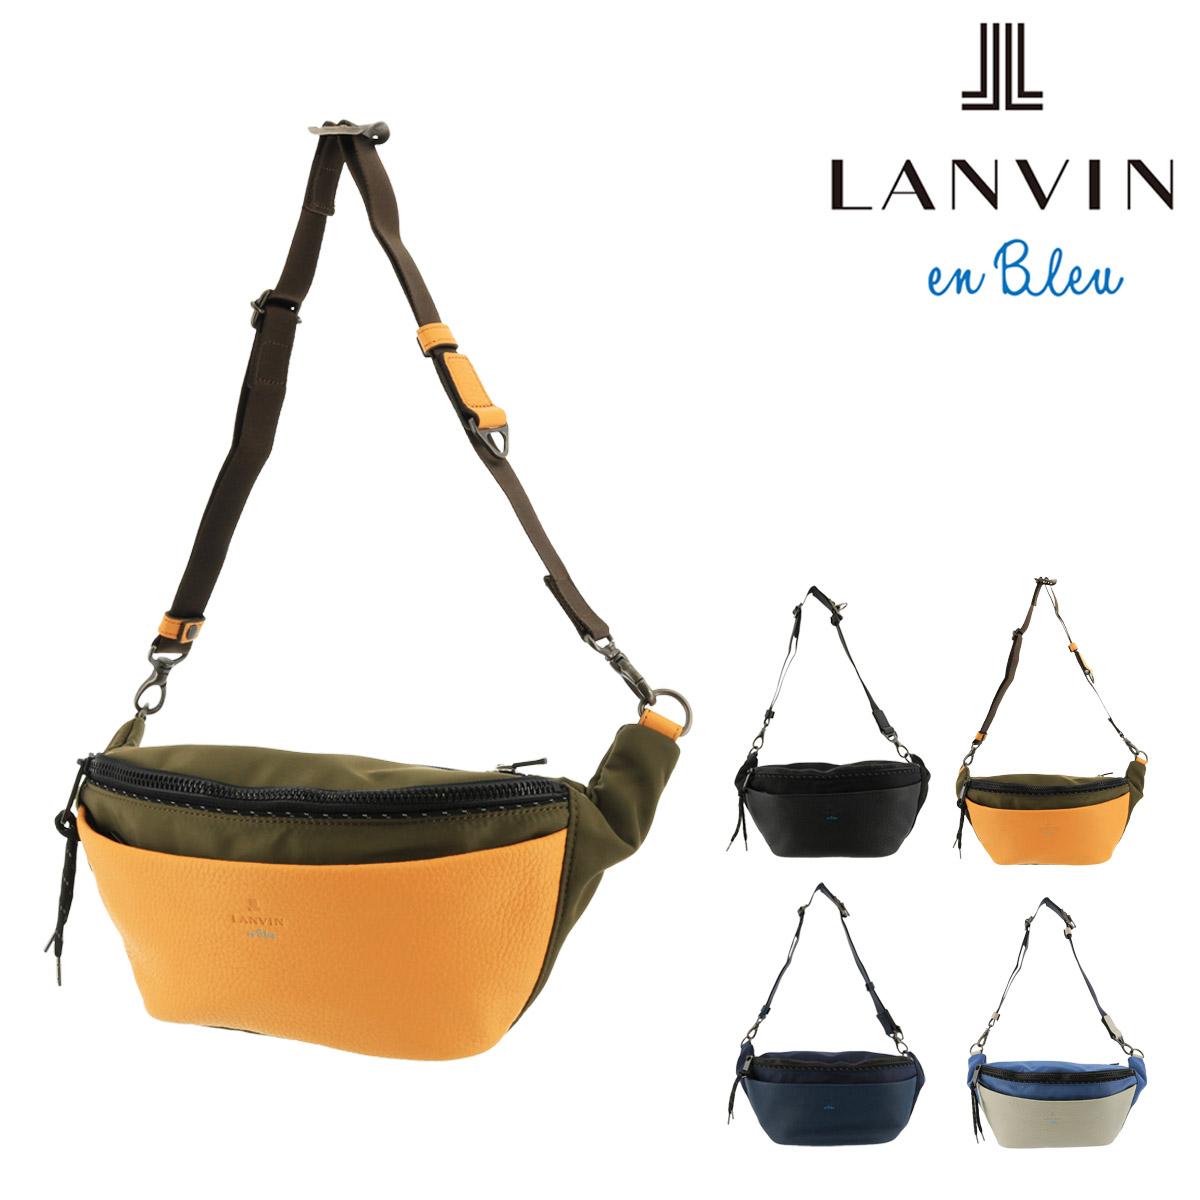 ランバンオンブルー ウエストポーチ リフレクト メンズ 546901 日本製 LANVIN en Bleu | ウエストバッグ 軽量 本革 レザー [bef][PO10]